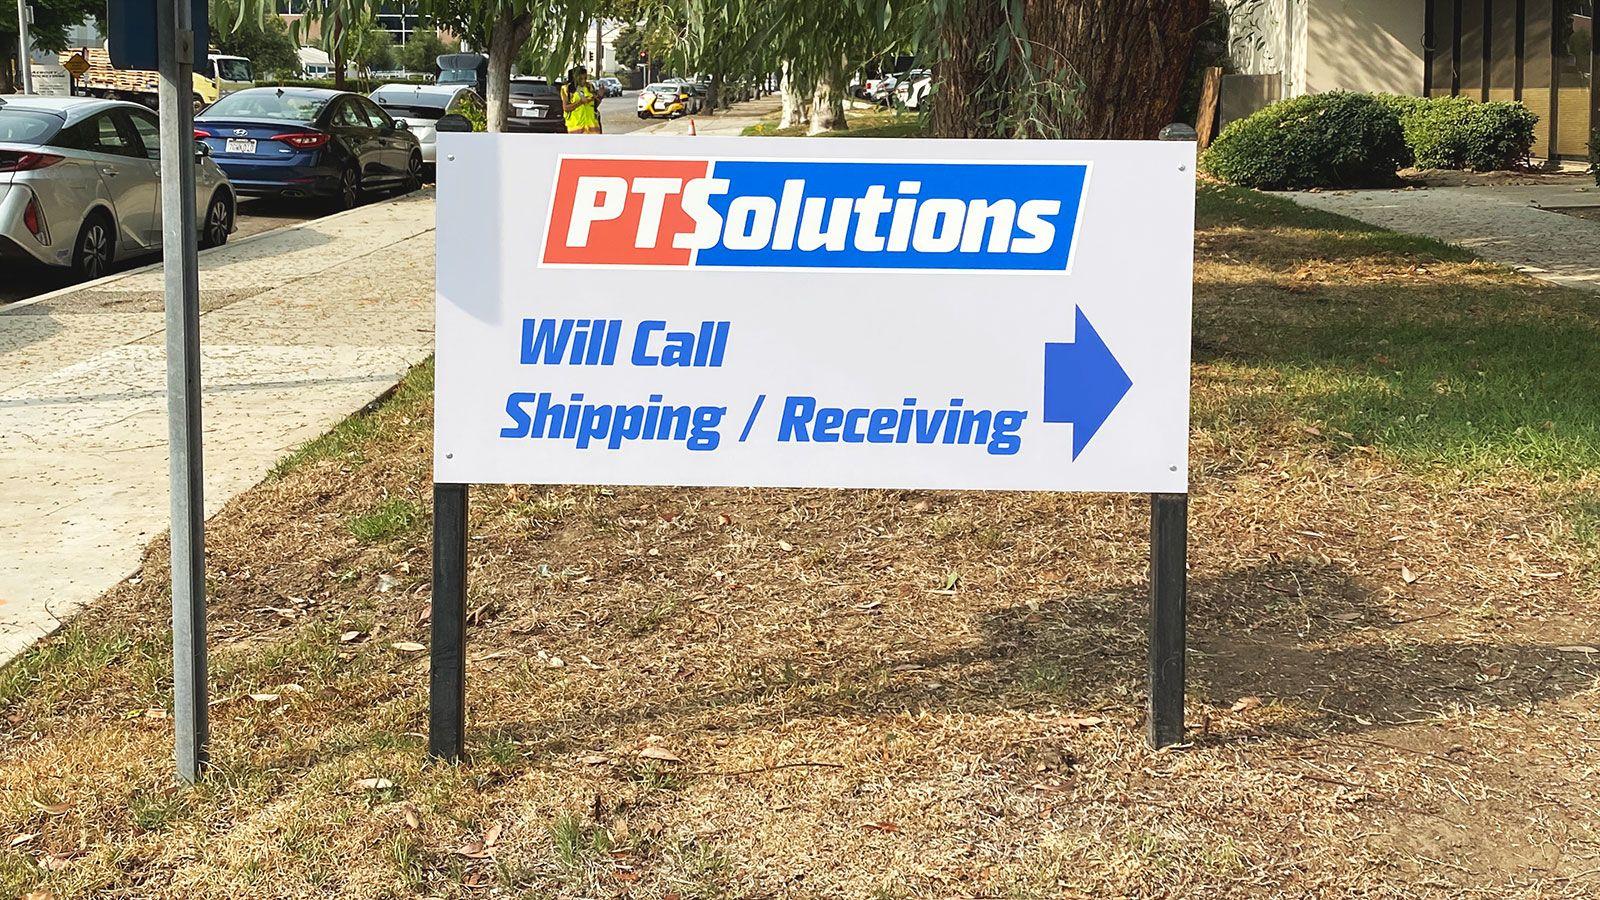 PT Solutions dibond sign